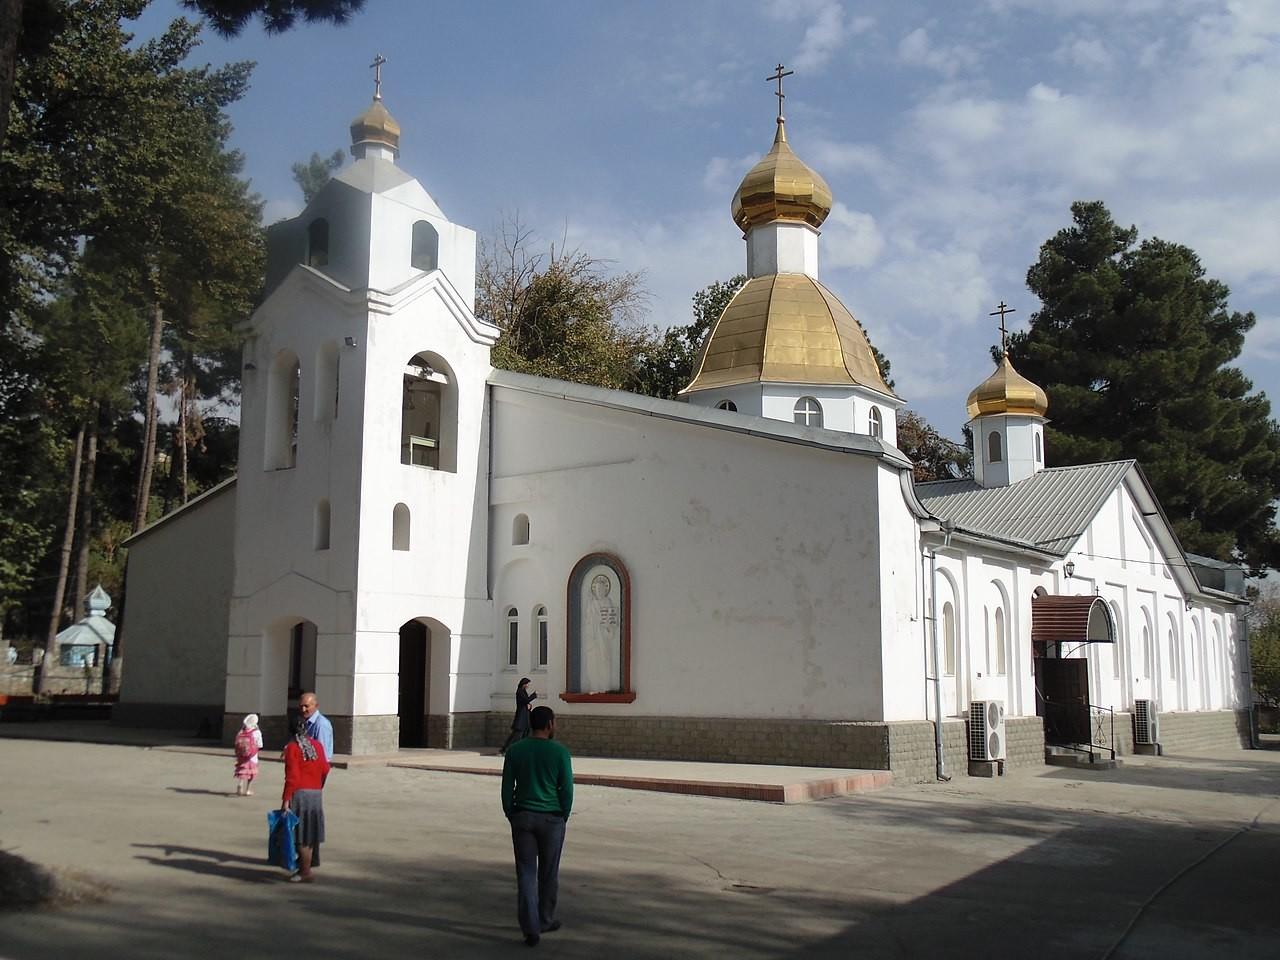 Cattedrale di San Nicola a Dushanbé (tra il 1929 e il 1961, Stalinabad), Tagikistan (allora Repubblica Socialista Sovietica Tagika), costruita nel 1943